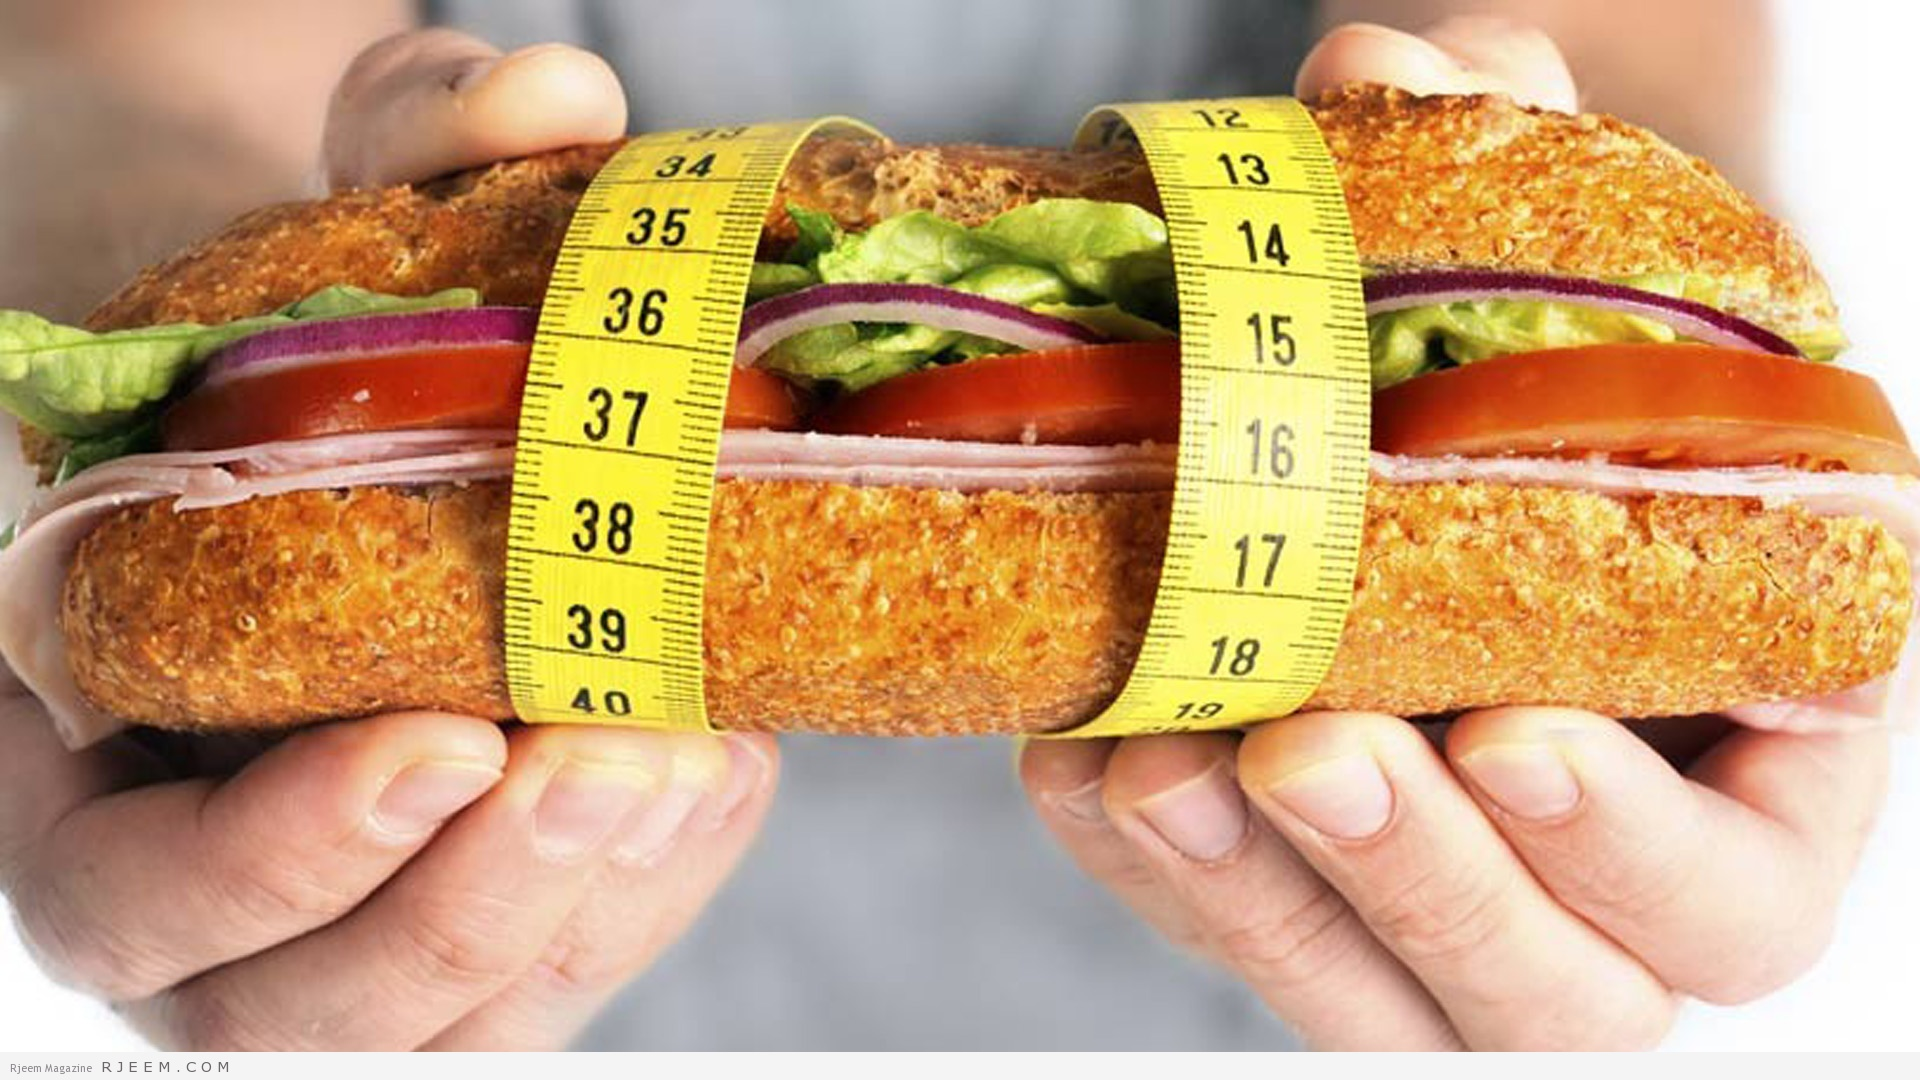 Картинка по теме: Как убрать жир с ляшек?